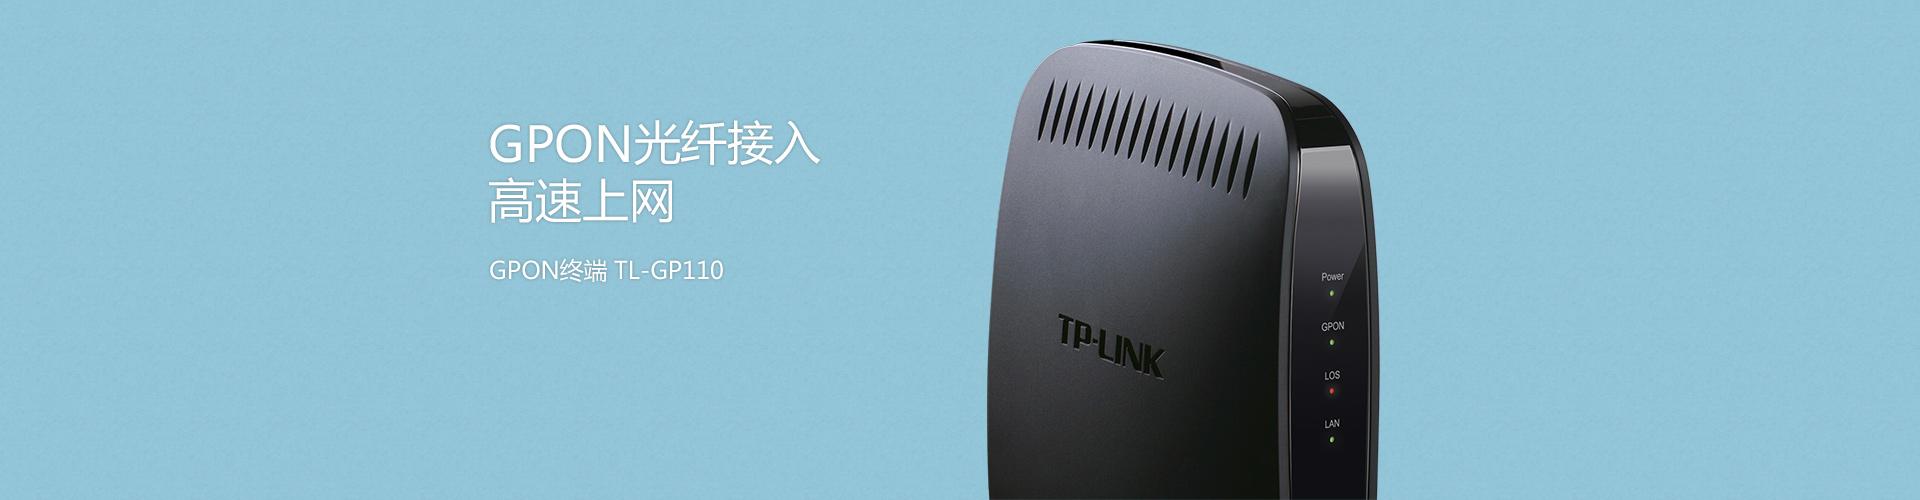 TL-GP110